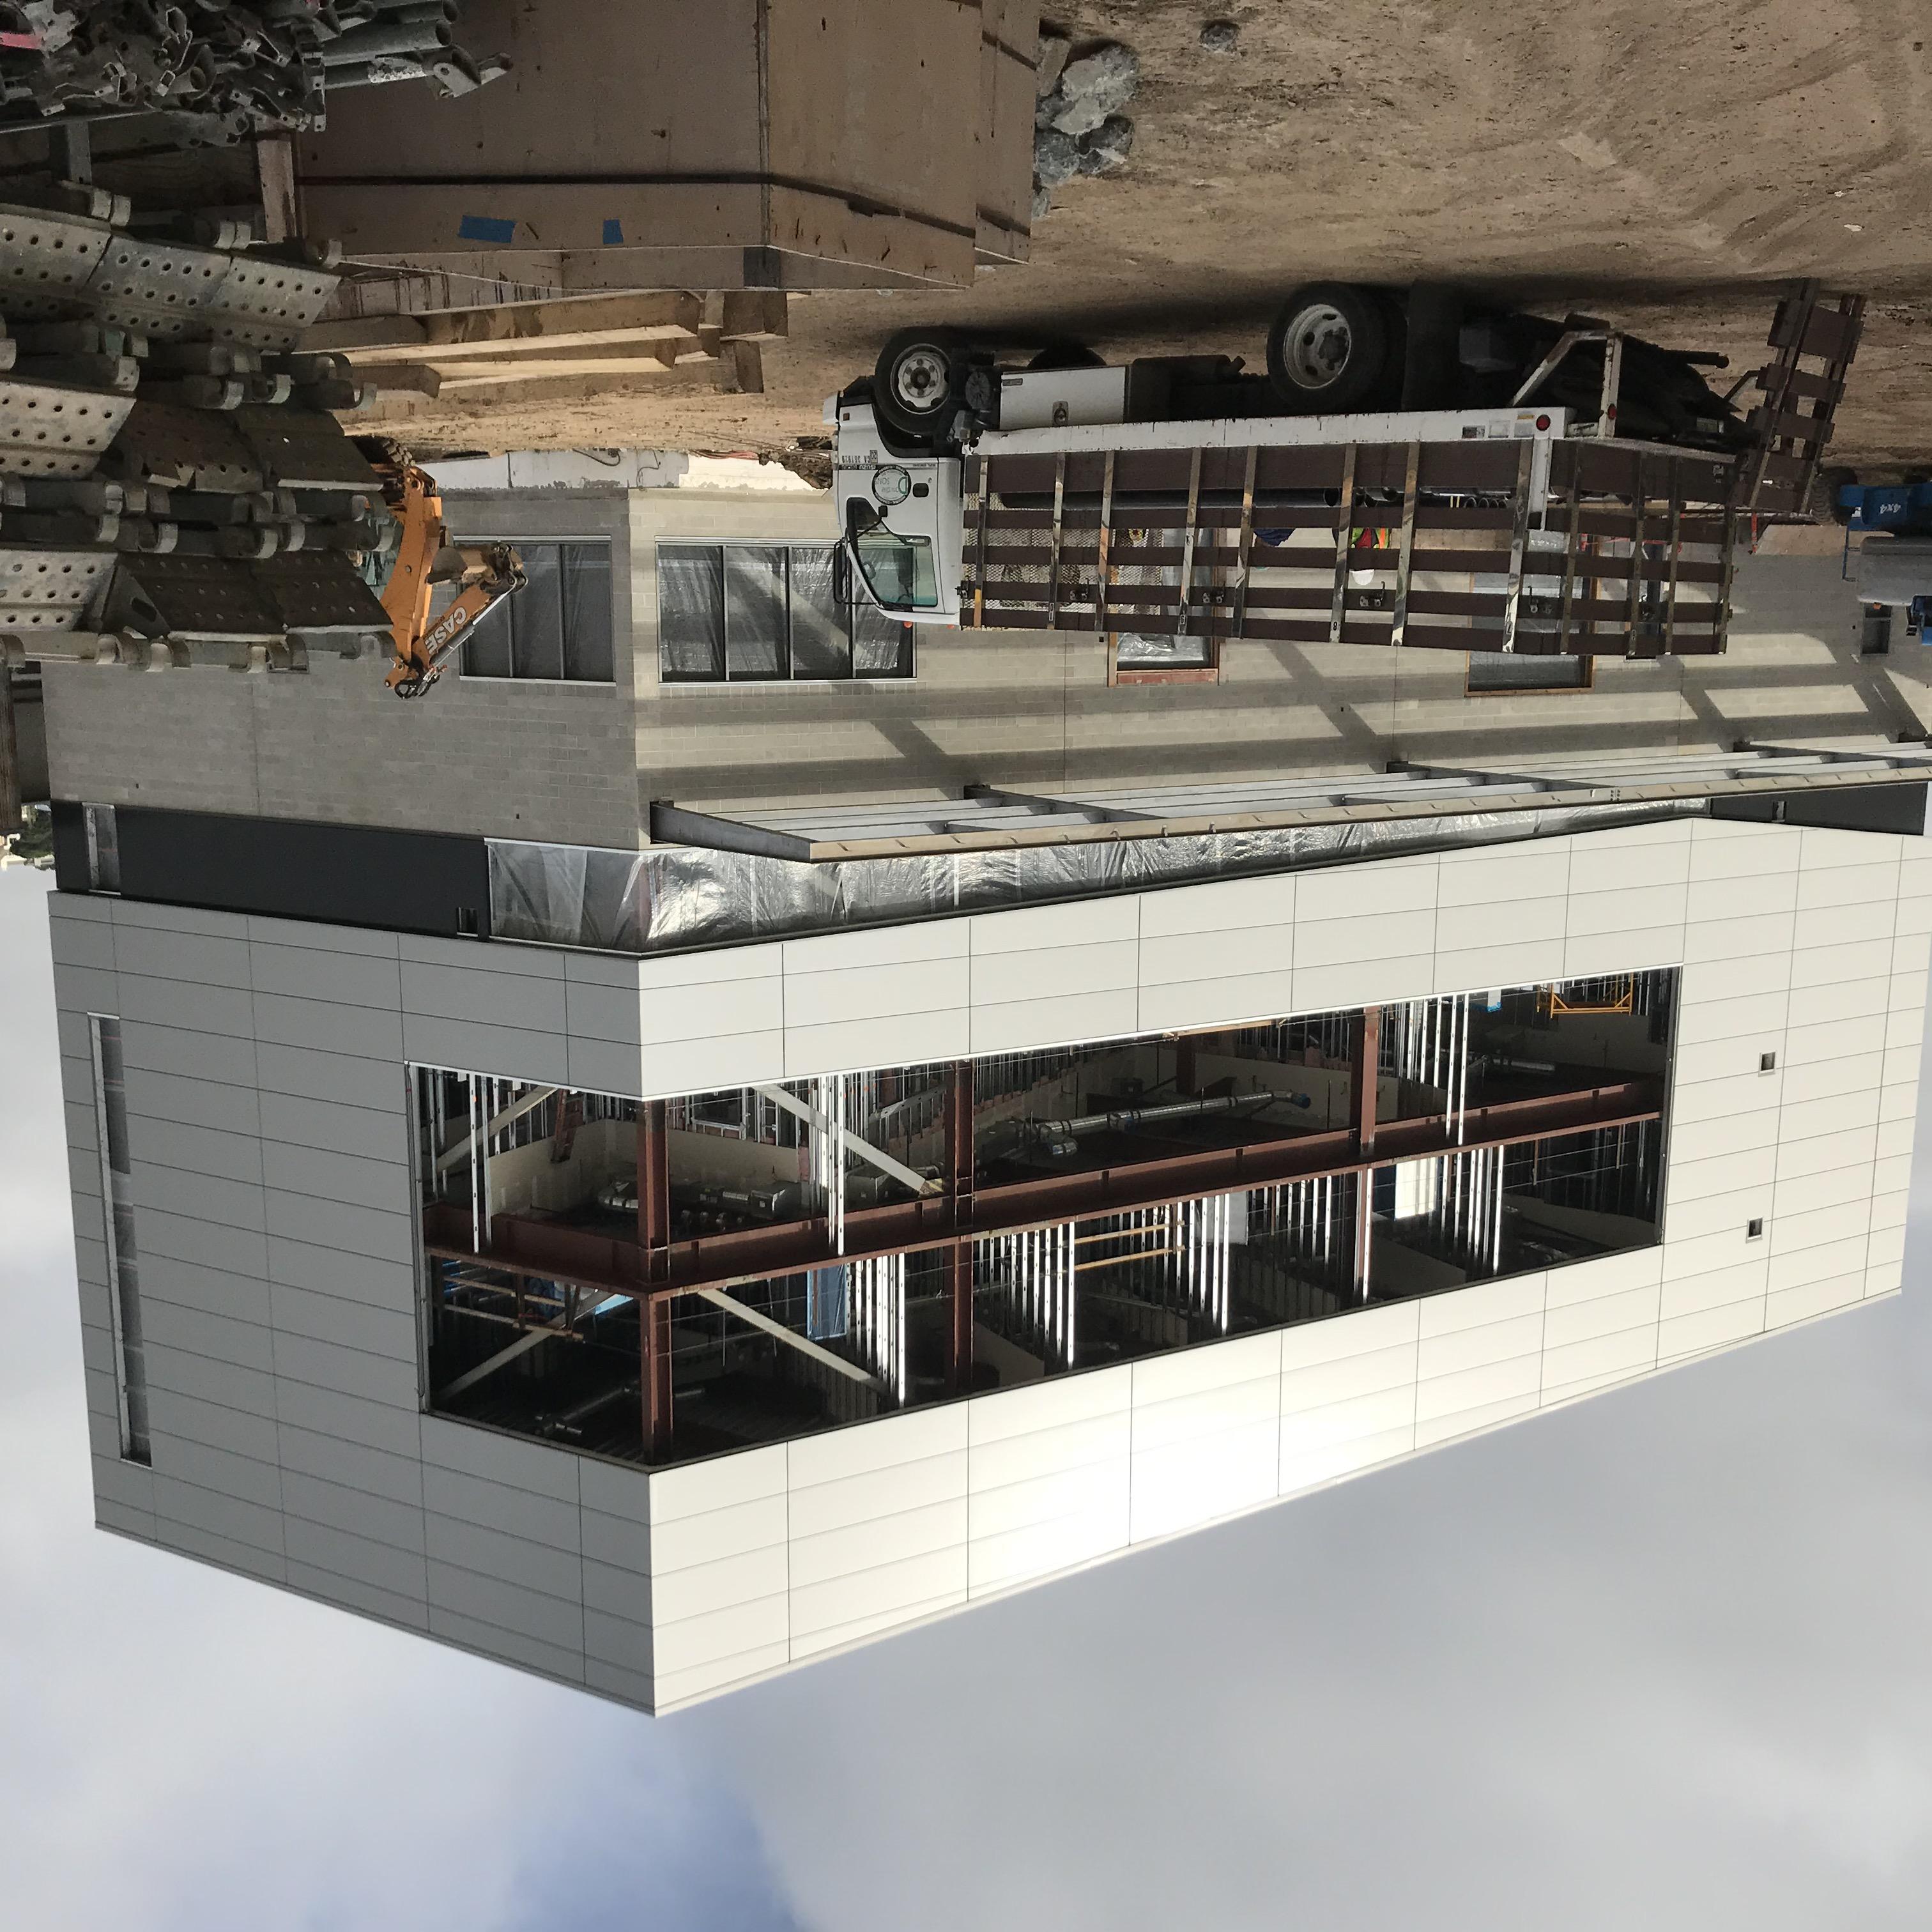 SF Deployment Facility